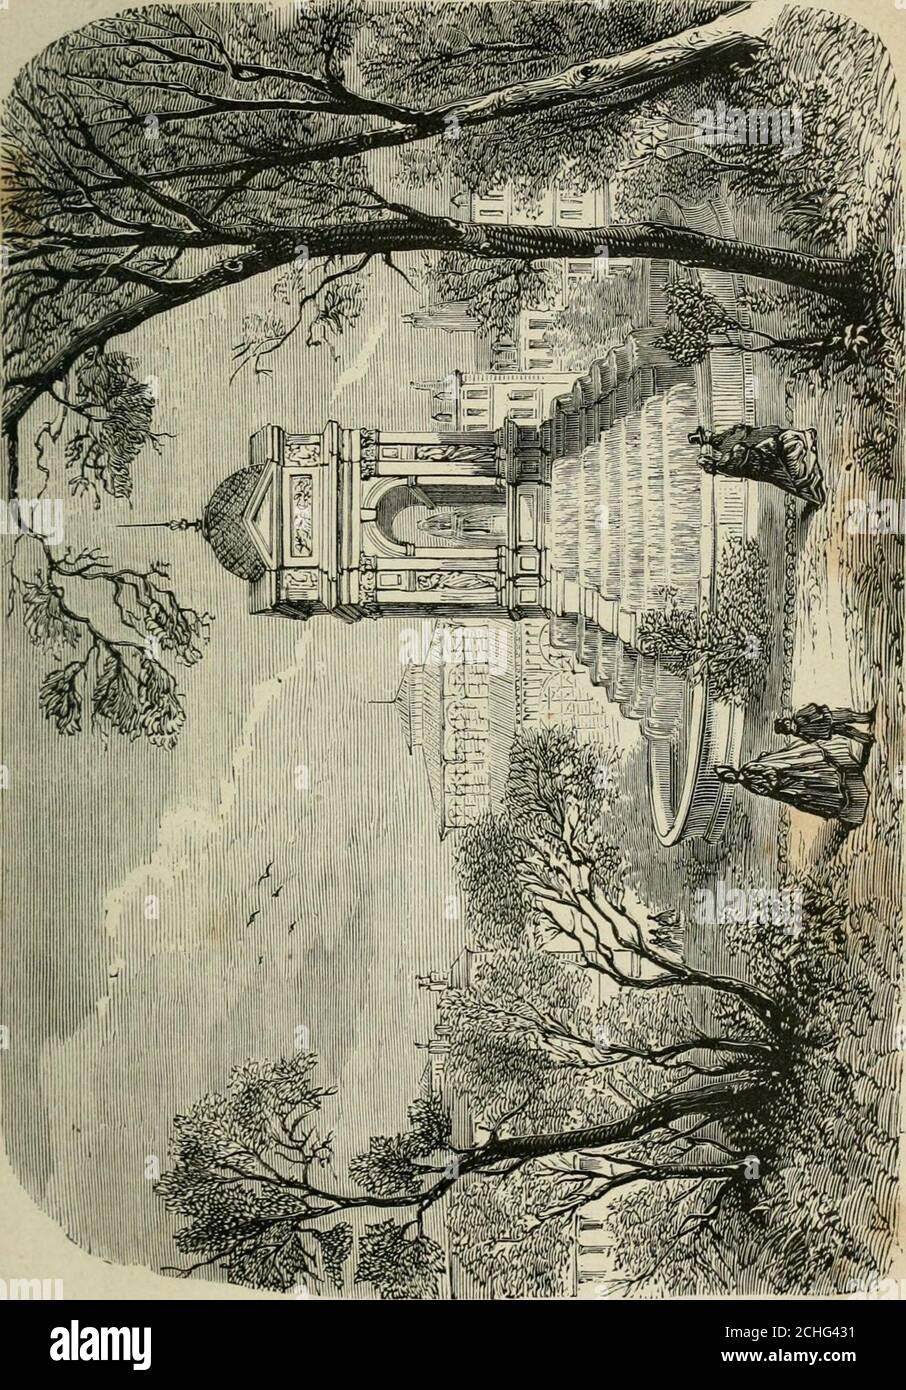 . Les merveilles du nouveau Paris-- . ©chal deBichelieu, le Maistre de Sacy, de Renneville,Voltaire, Latude, célèbre par ses évasions ; Linguet; le prévôtde Beaumont, qui resta au secret pendant vingt-deux ans à laBastille, à Vincennes, à Charenton, et dont la famille ignorapendant dix ans ce quil était devenu, etc. Nous avons parlé de la situation des grands personnages,de leur manière de vivre et dagir. Il nous répugne de direle sort réservé aux prisonniers obscurs ou célèbres quela vengeance ou lindifférence condamnait à une vie de pri-vations et de torture. Souvent ce nétait Stock Photo